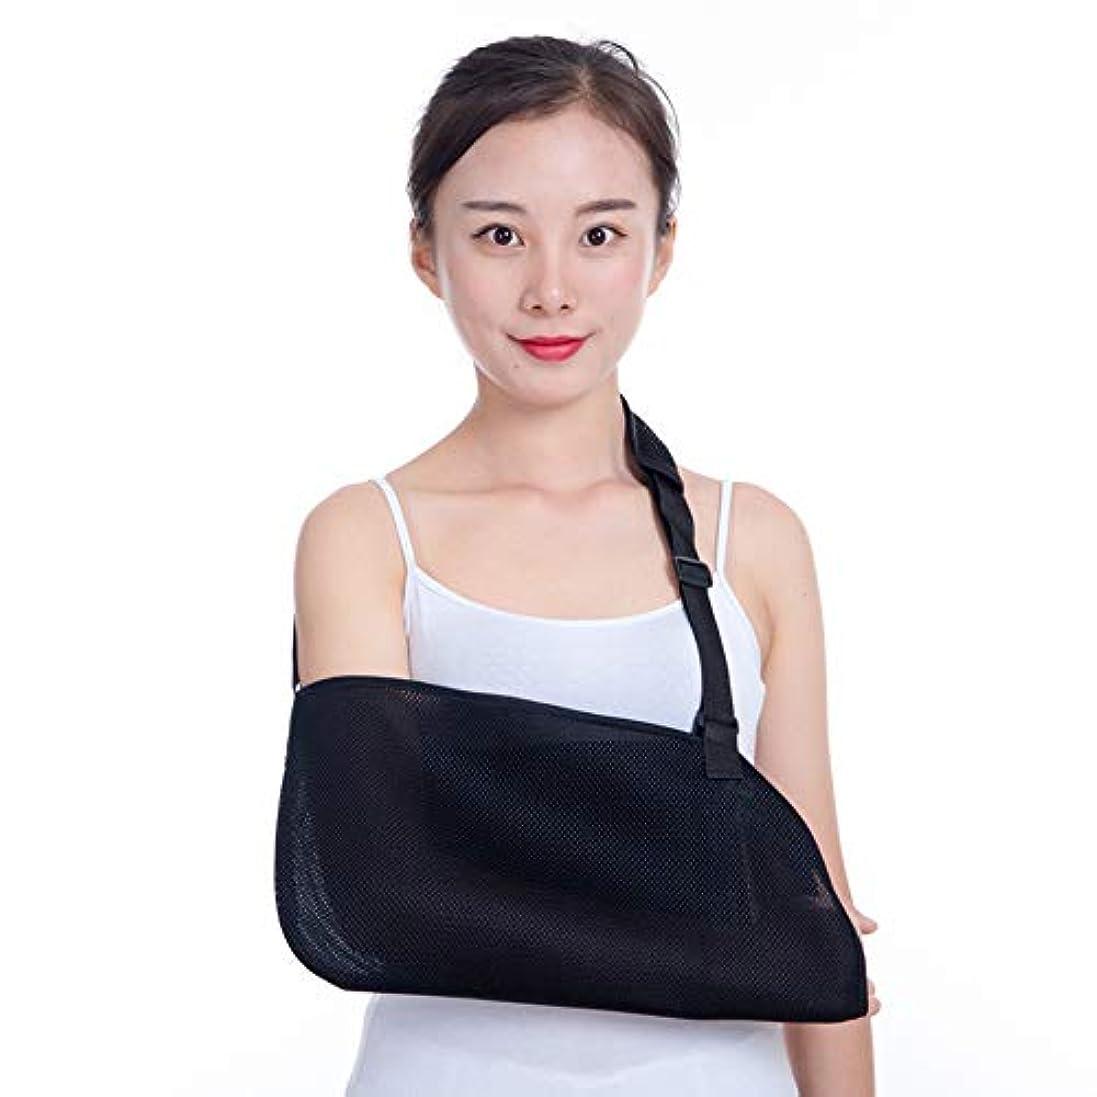 味方充実パウダーメッシュアームサポートスリング、ショルダーイモビライザーブレース、通気性と軽量、肩、腕、肘、回旋腱板の痛みを完全に調整可能